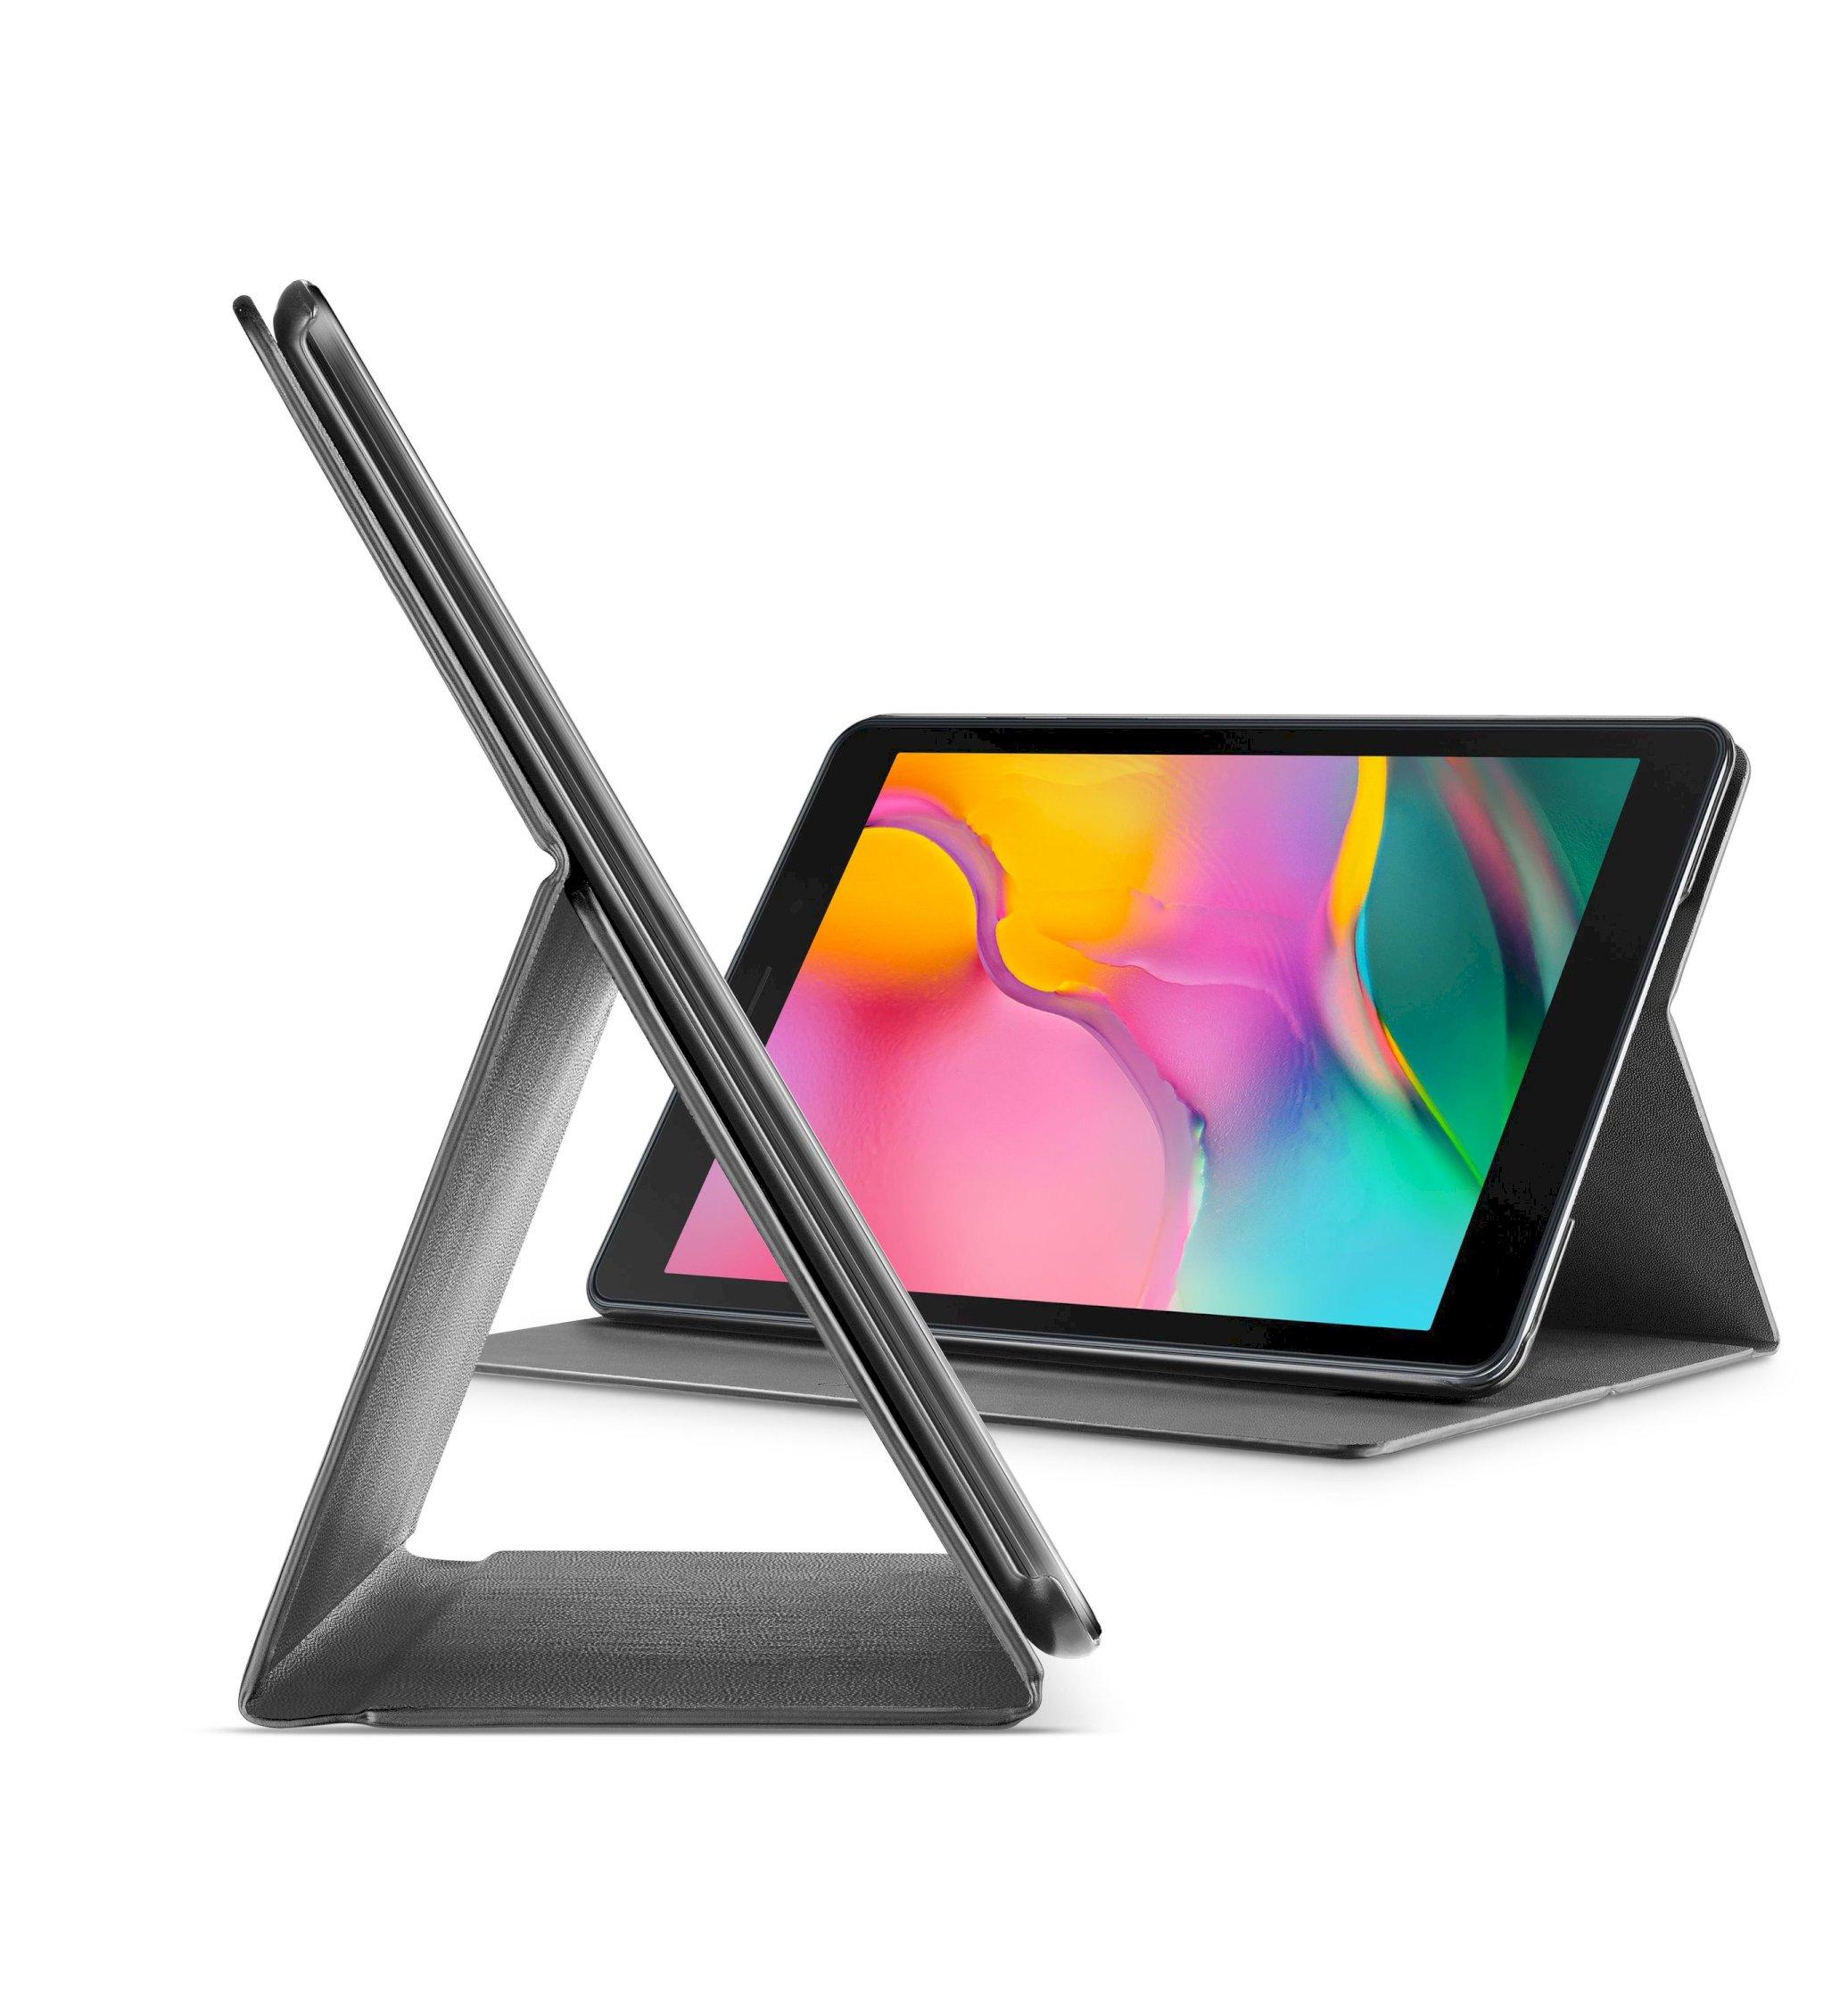 Samsung Galaxy Tab A 8.0 (2019), case slim stand, black